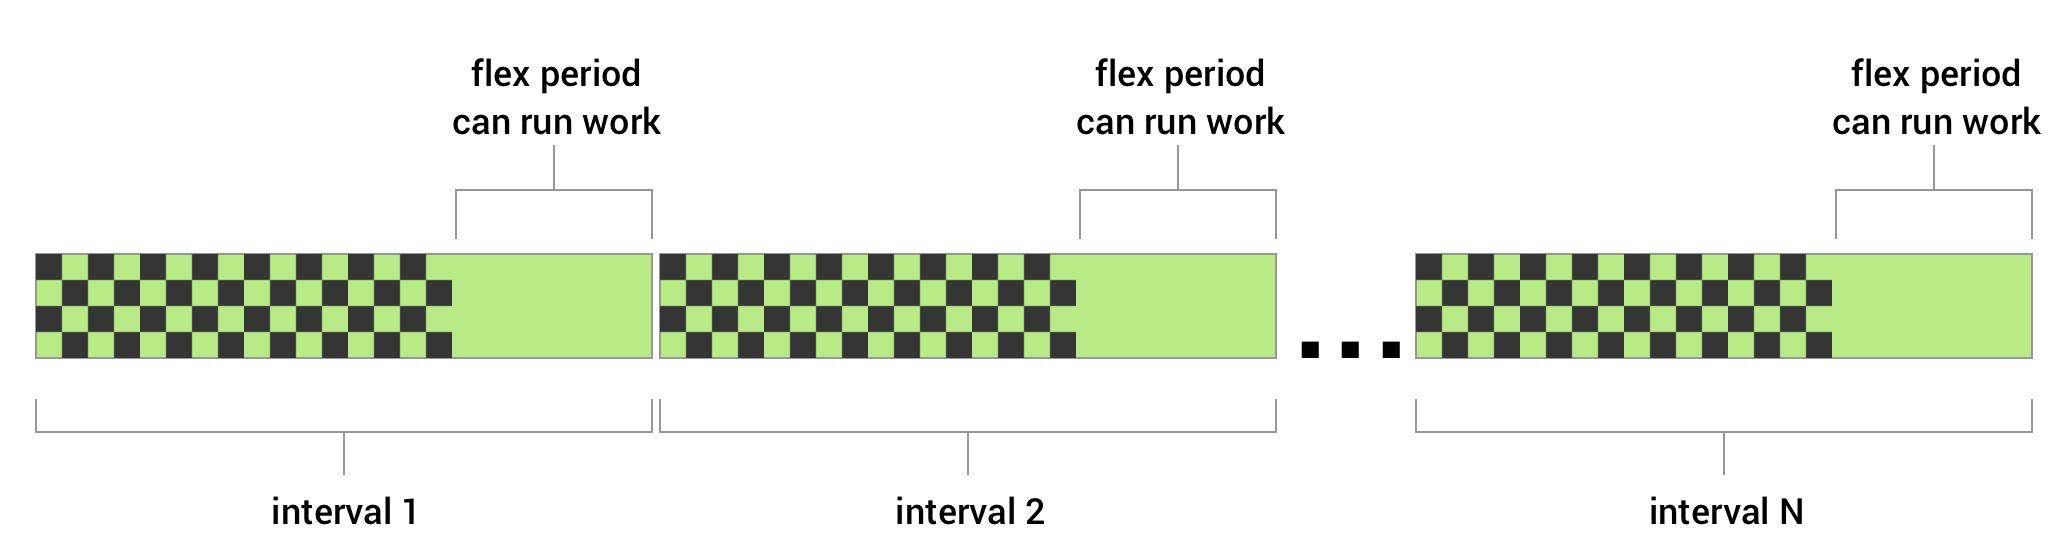 Anda dapat menyetel interval fleksibel untuk tugas berkala. Anda menentukan interval pengulangan, dan interval fleksibel yang menentukan jumlah waktu tertentu di akhir interval pengulangan. WorkManager mencoba menjalankan pekerjaan Anda pada waktu tertentu selama interval flex pada setiap siklus.